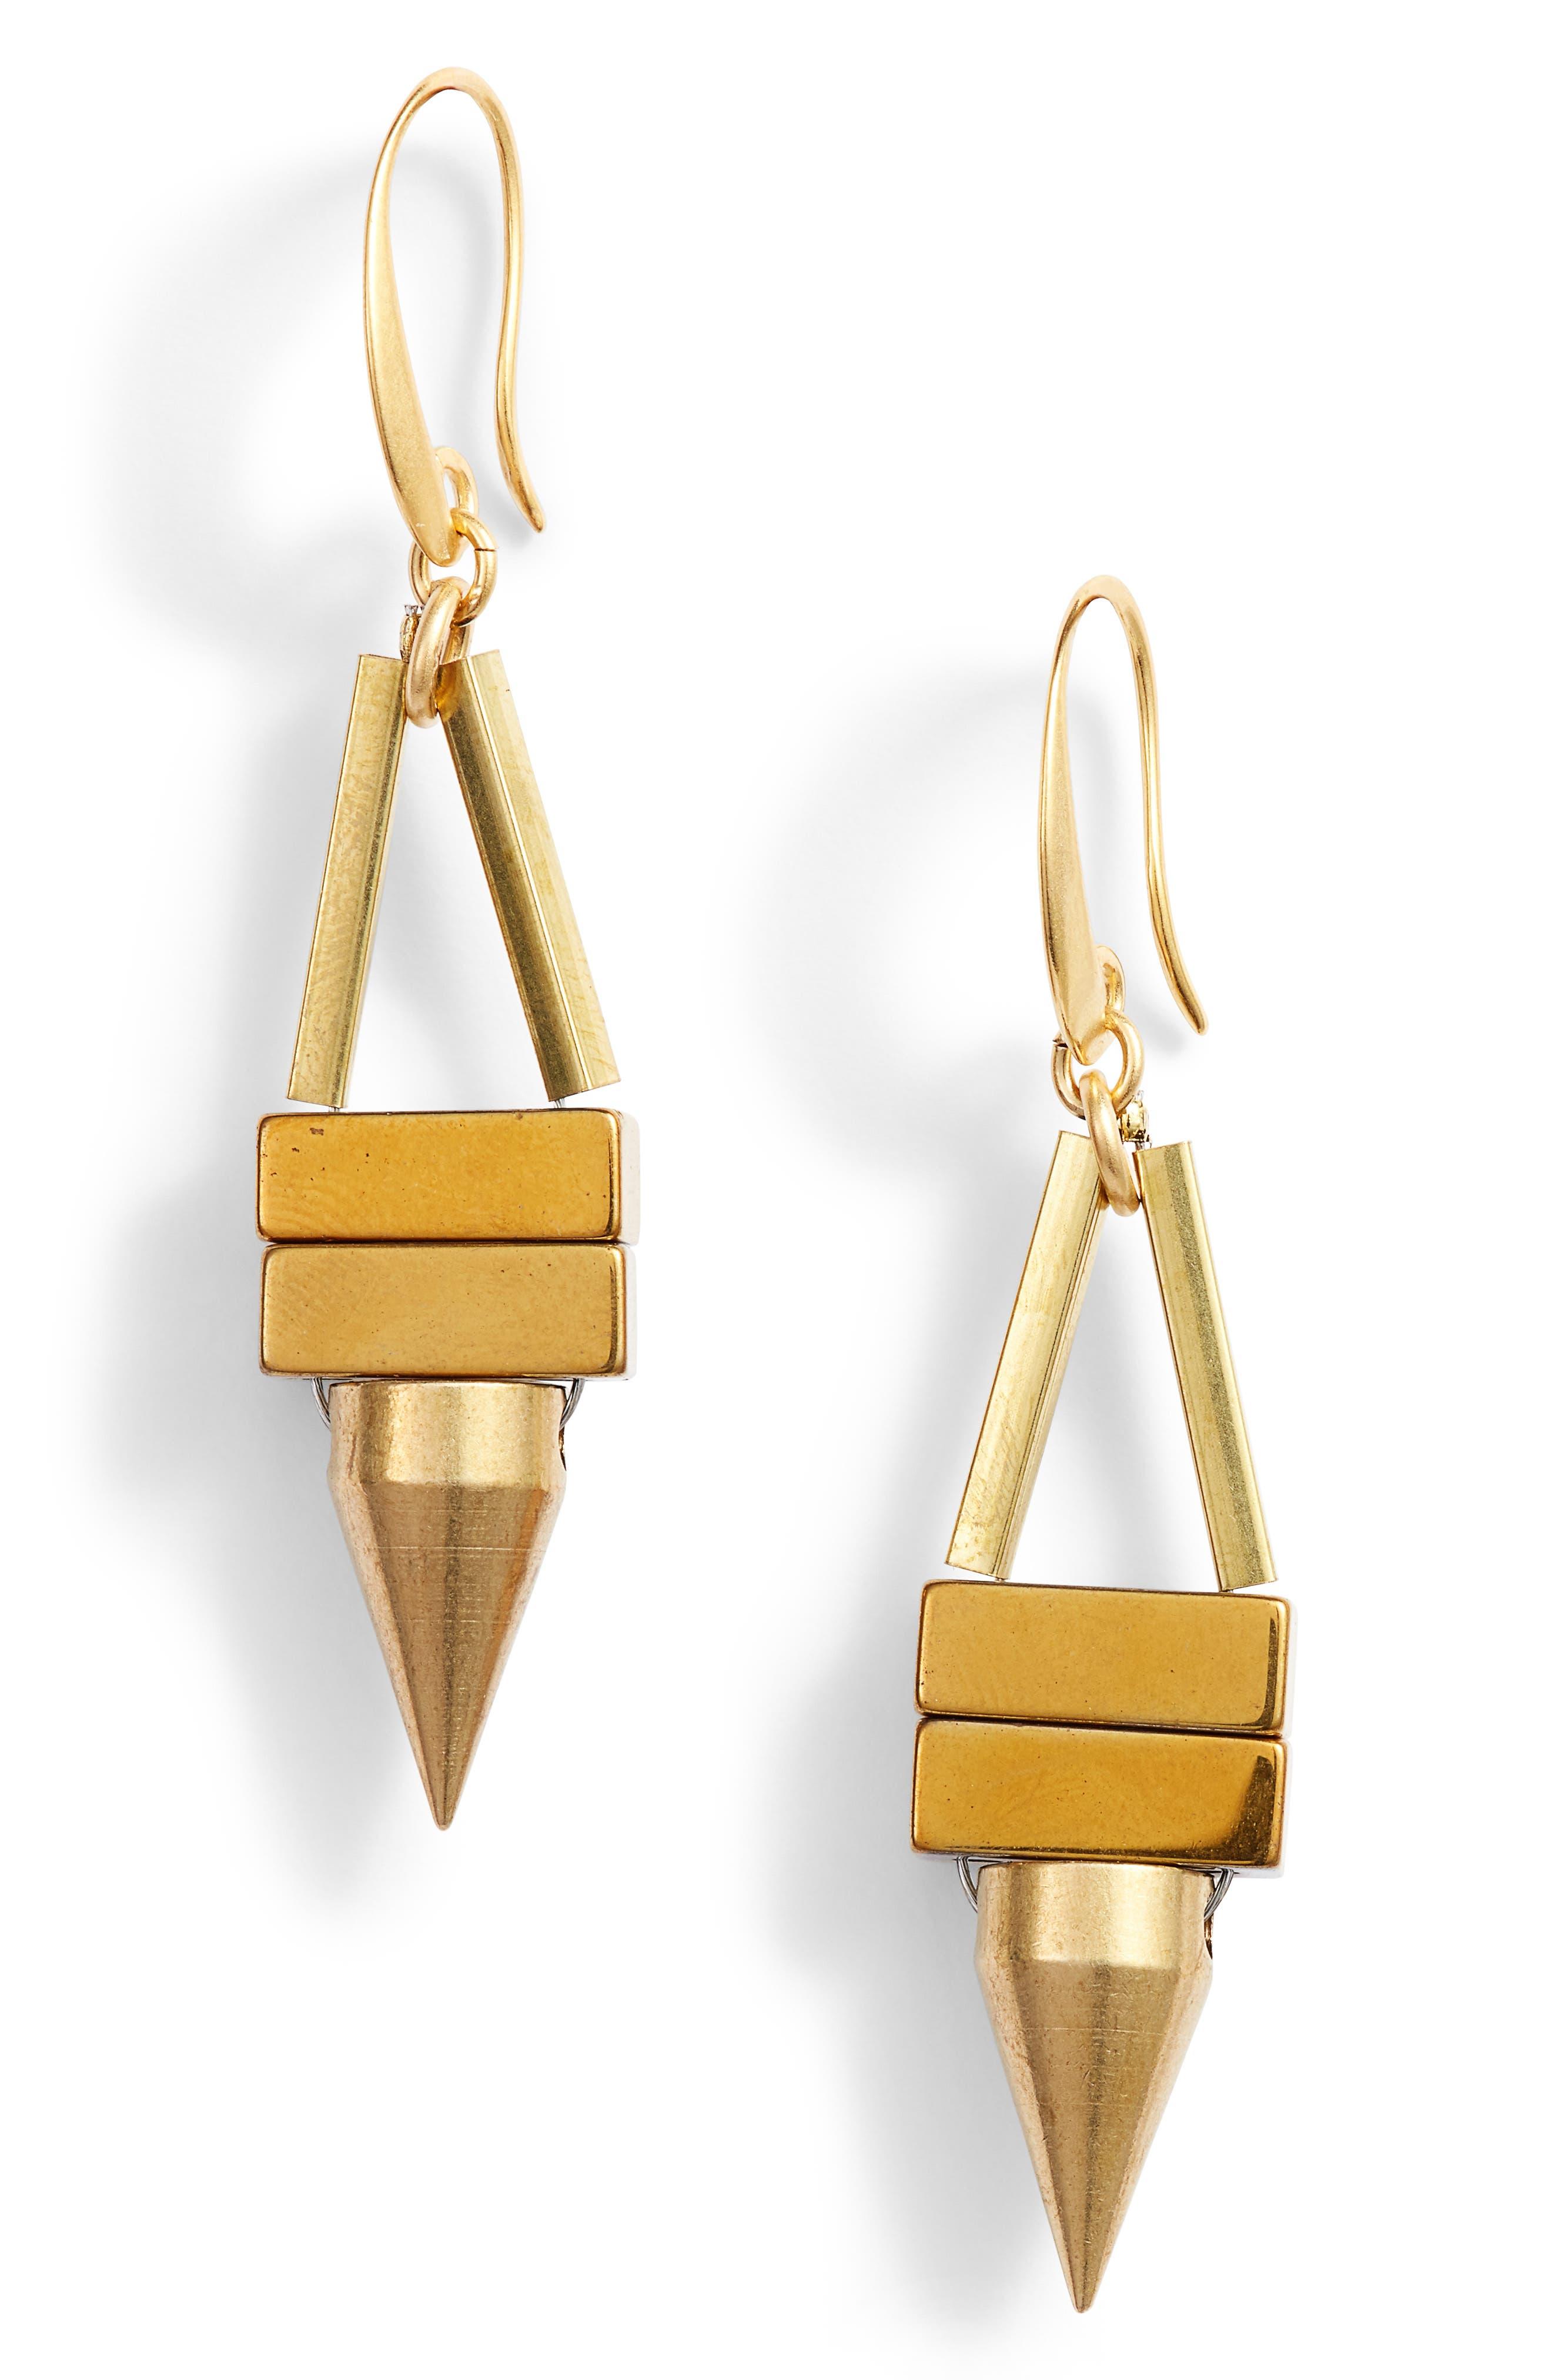 David Aubrey Odelle Mini Spike Earrings